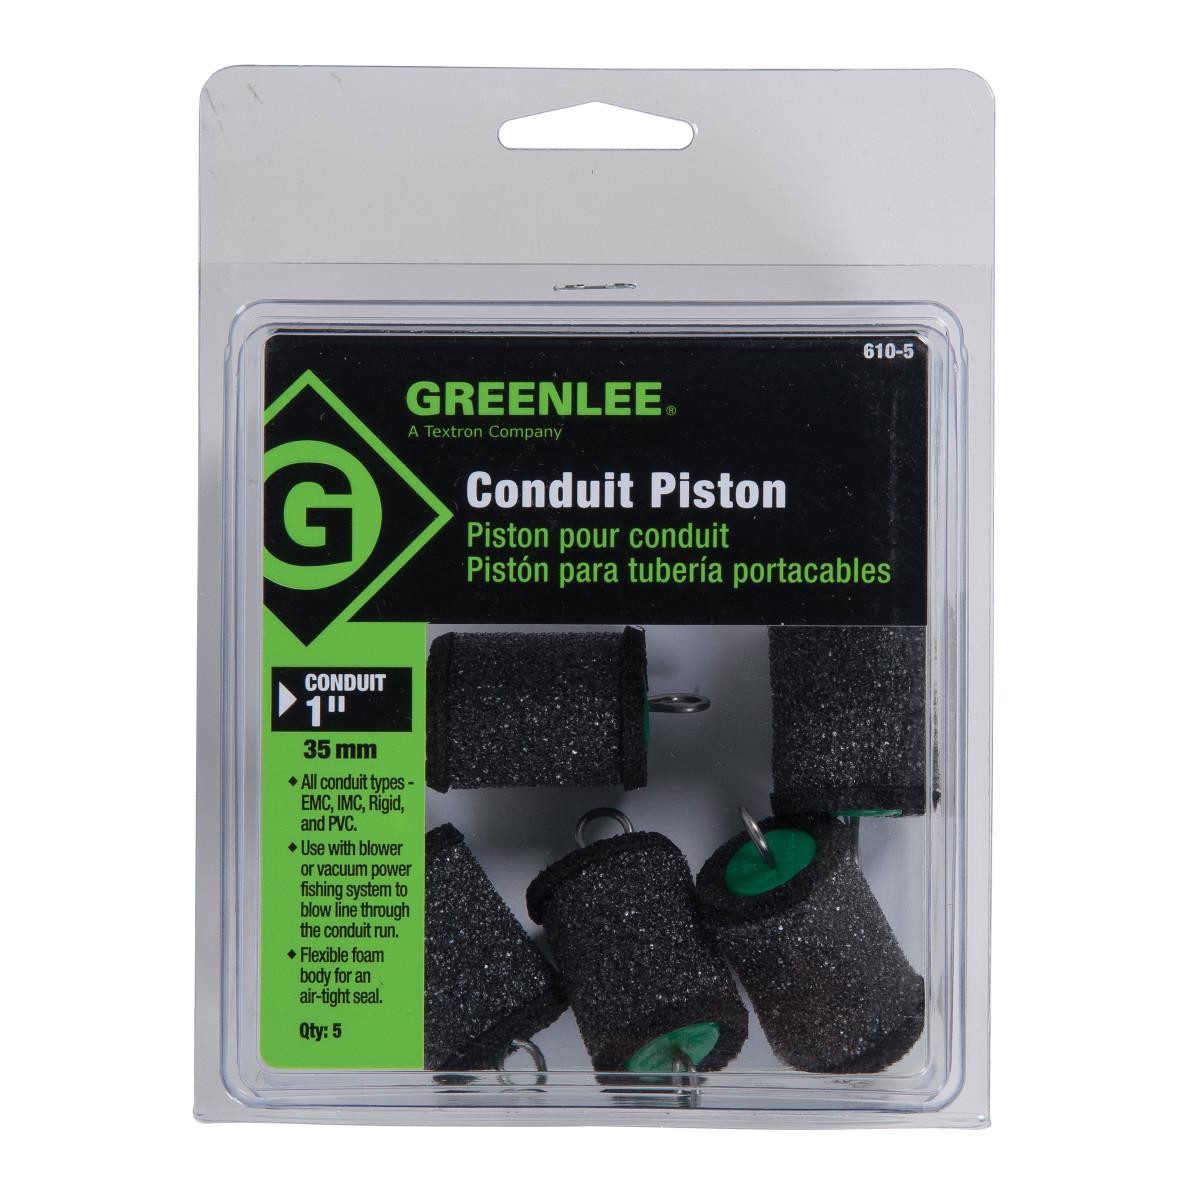 Greenlee®610-5